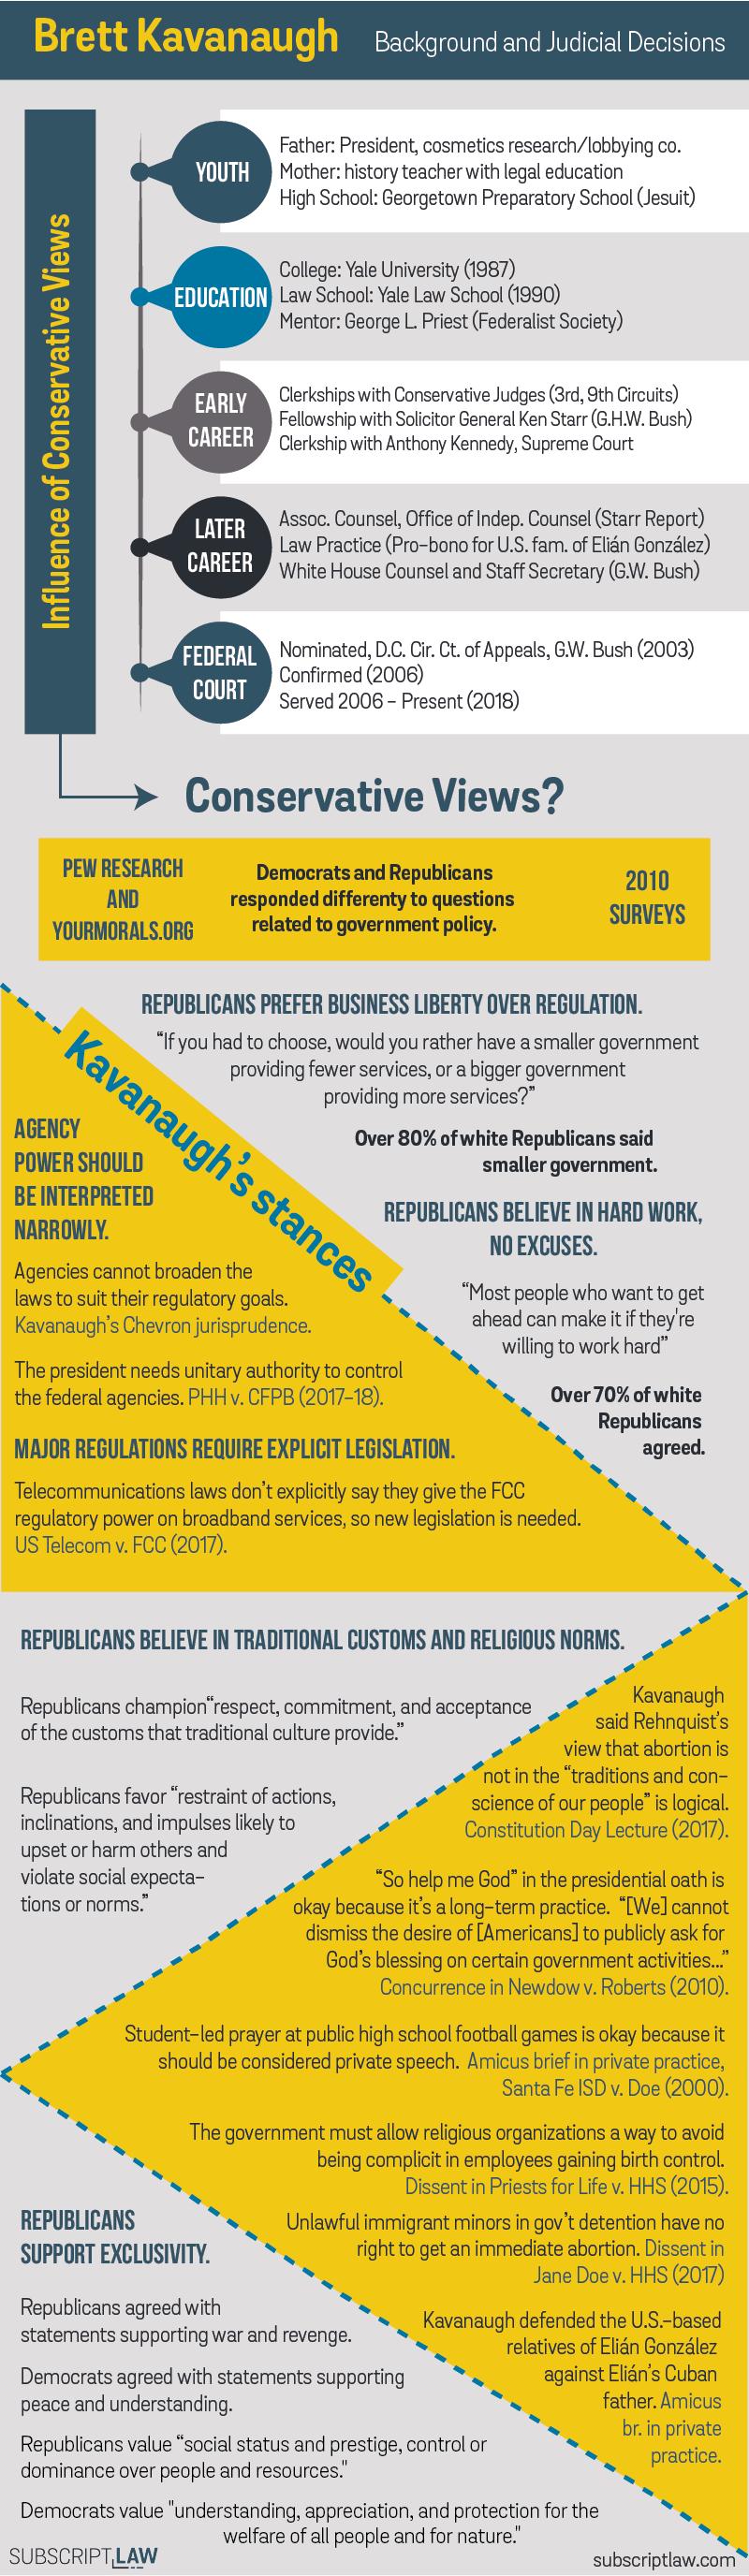 Brett Kavanaugh Infographic